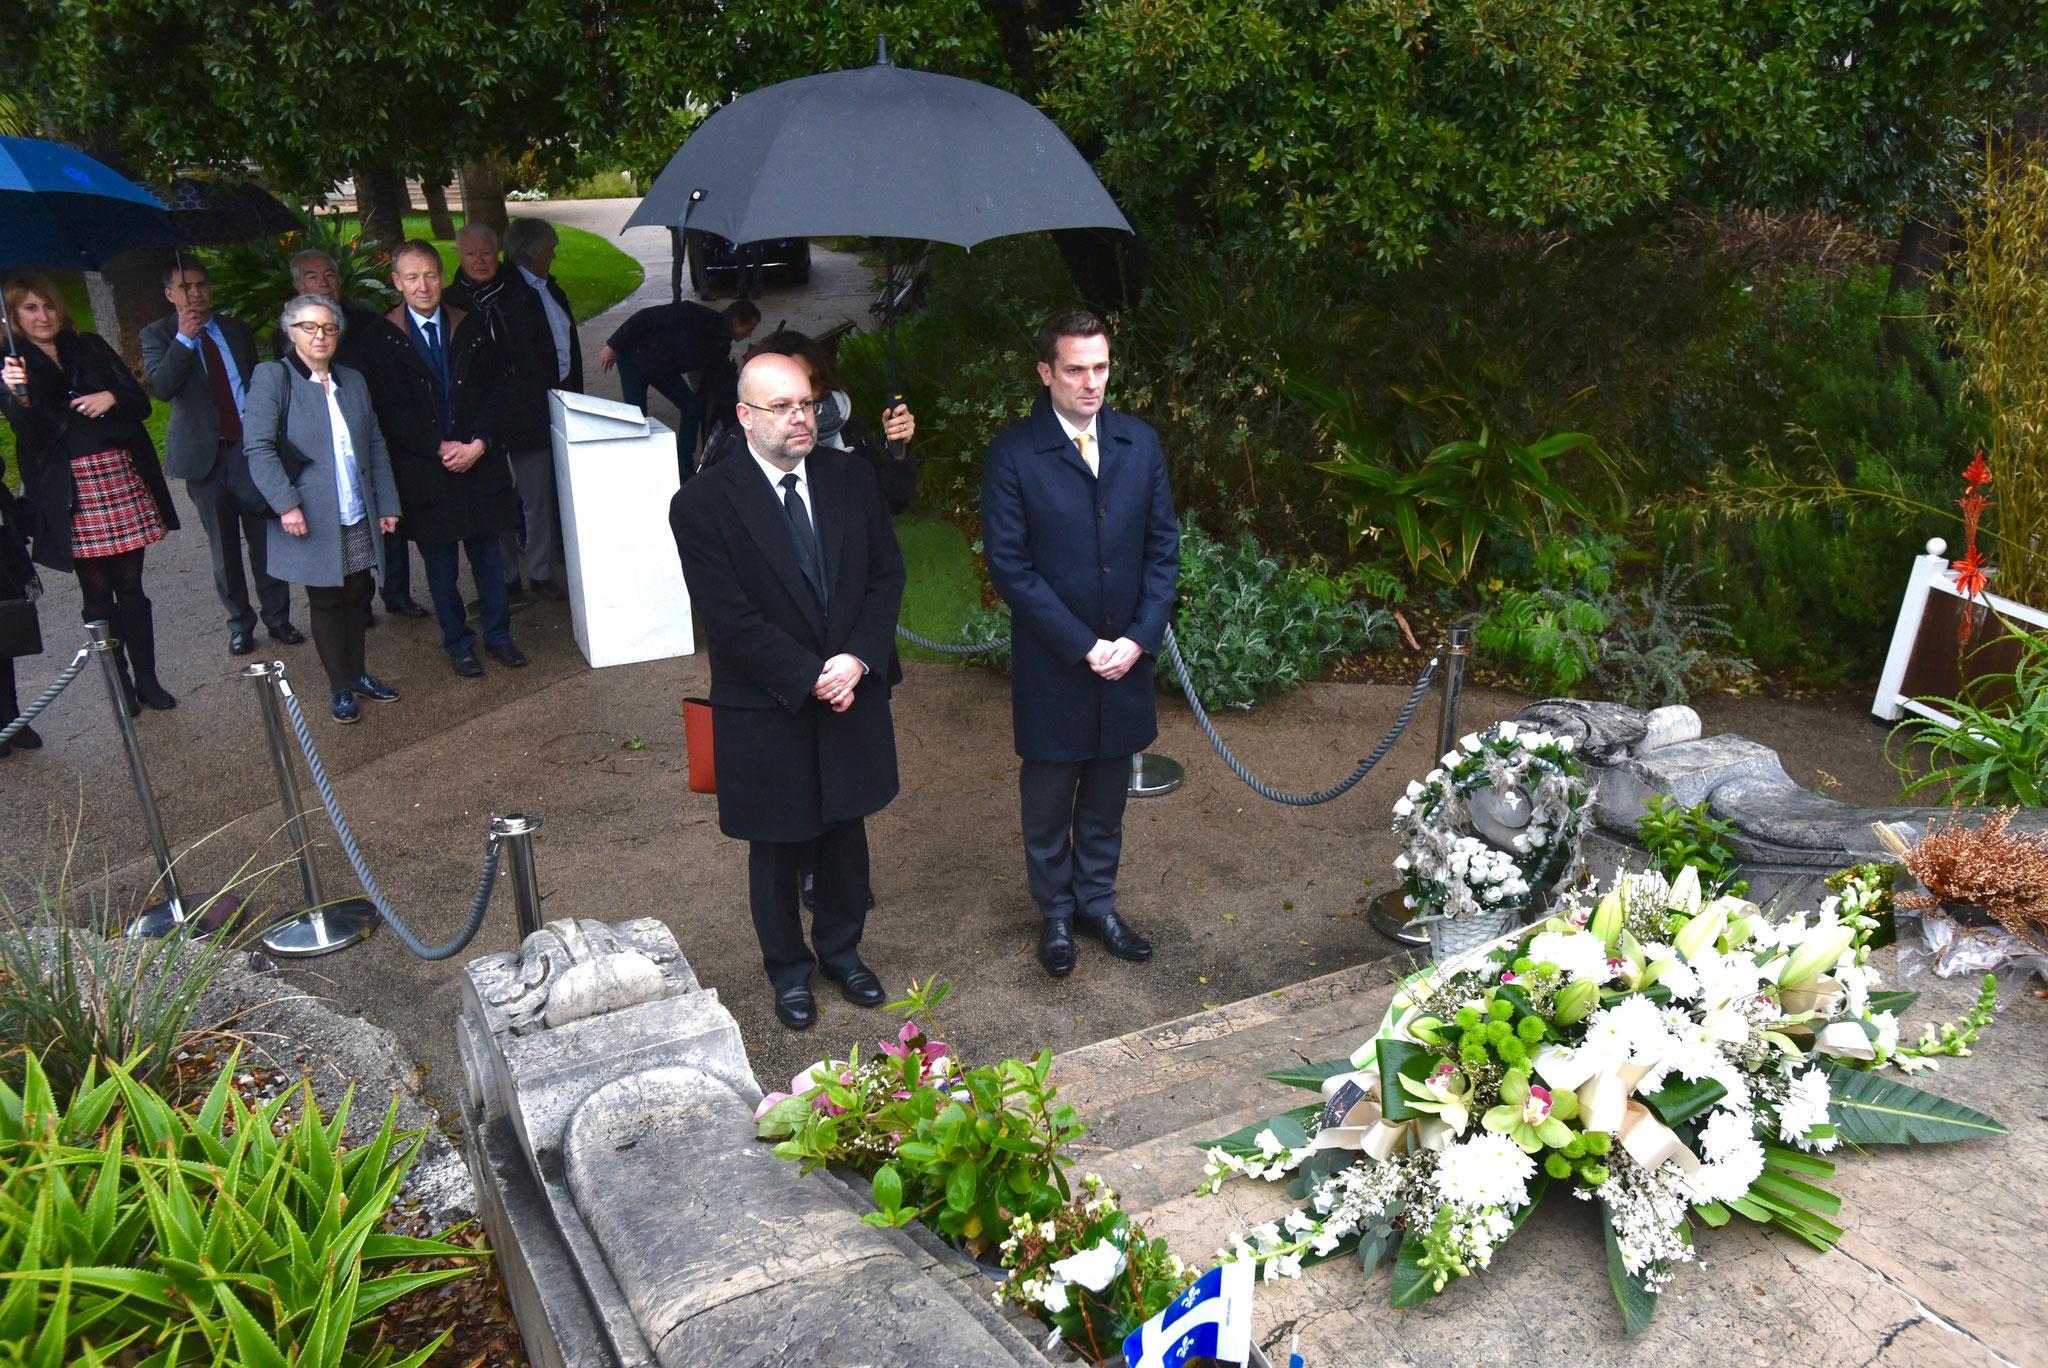 Recueillement villa Massena pour les 3 blessés Australiens lors de l'attenta à Nice du 14 juillet 2016